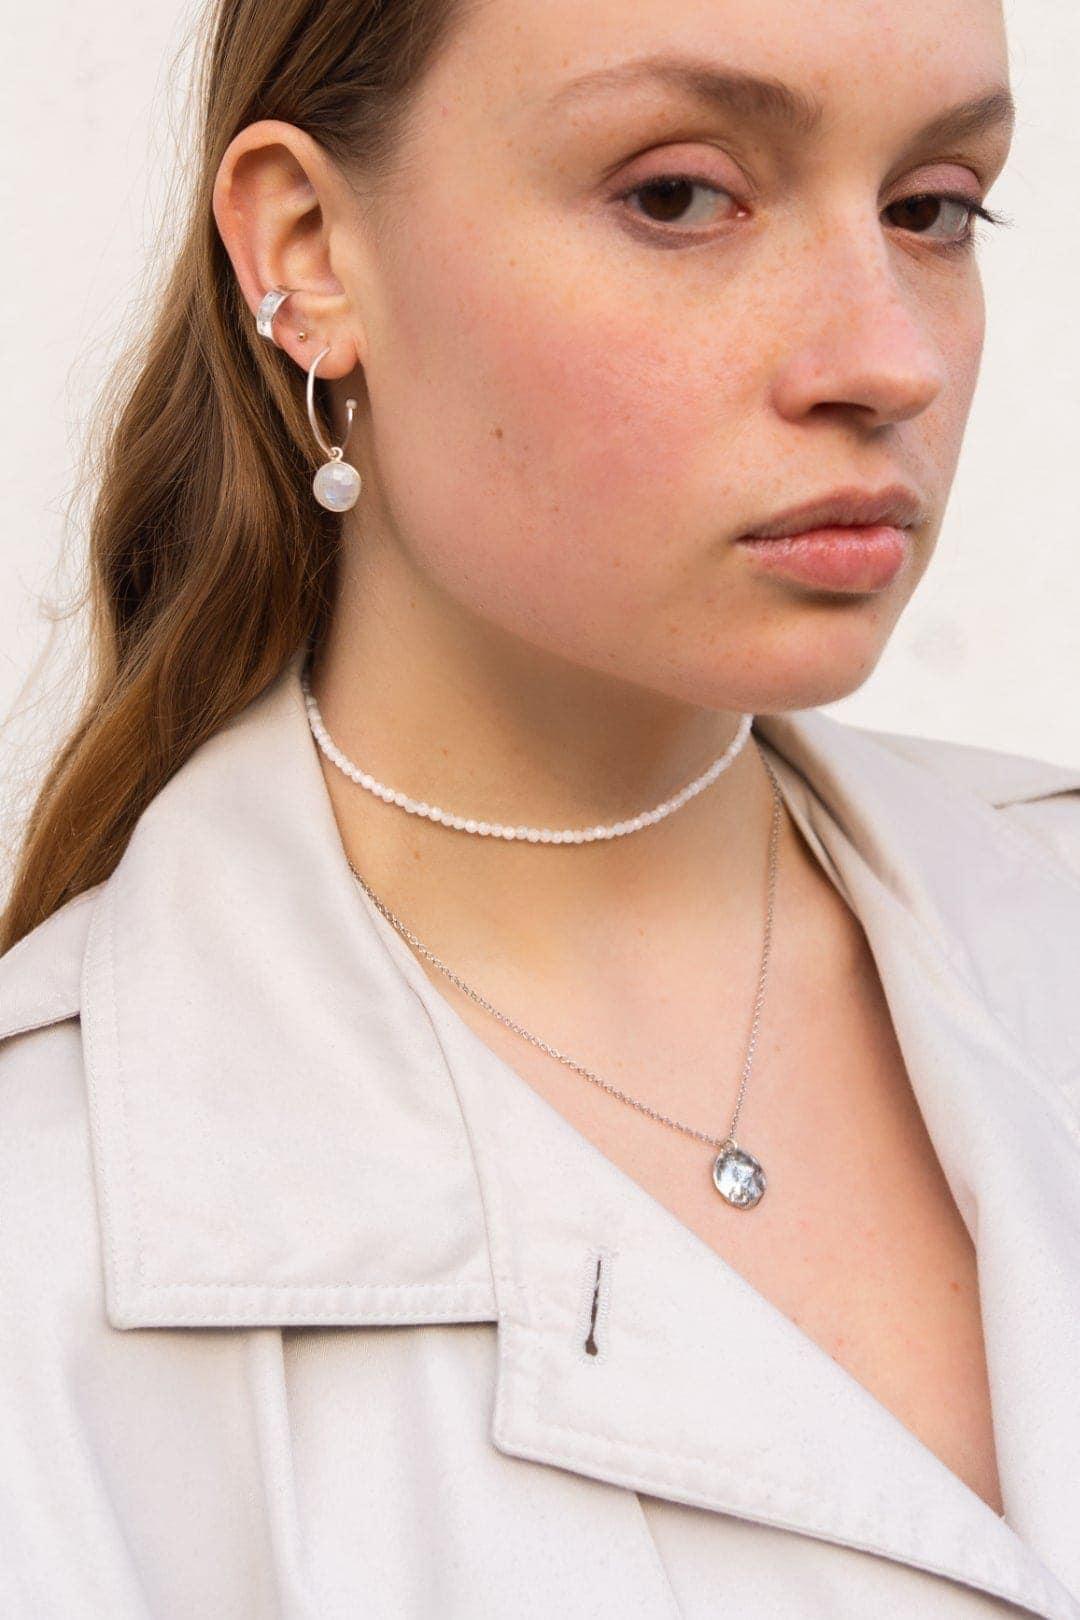 Modelka prezentuje na sobie srebrny naszyjnik księżyc i biały choker z kamieni.